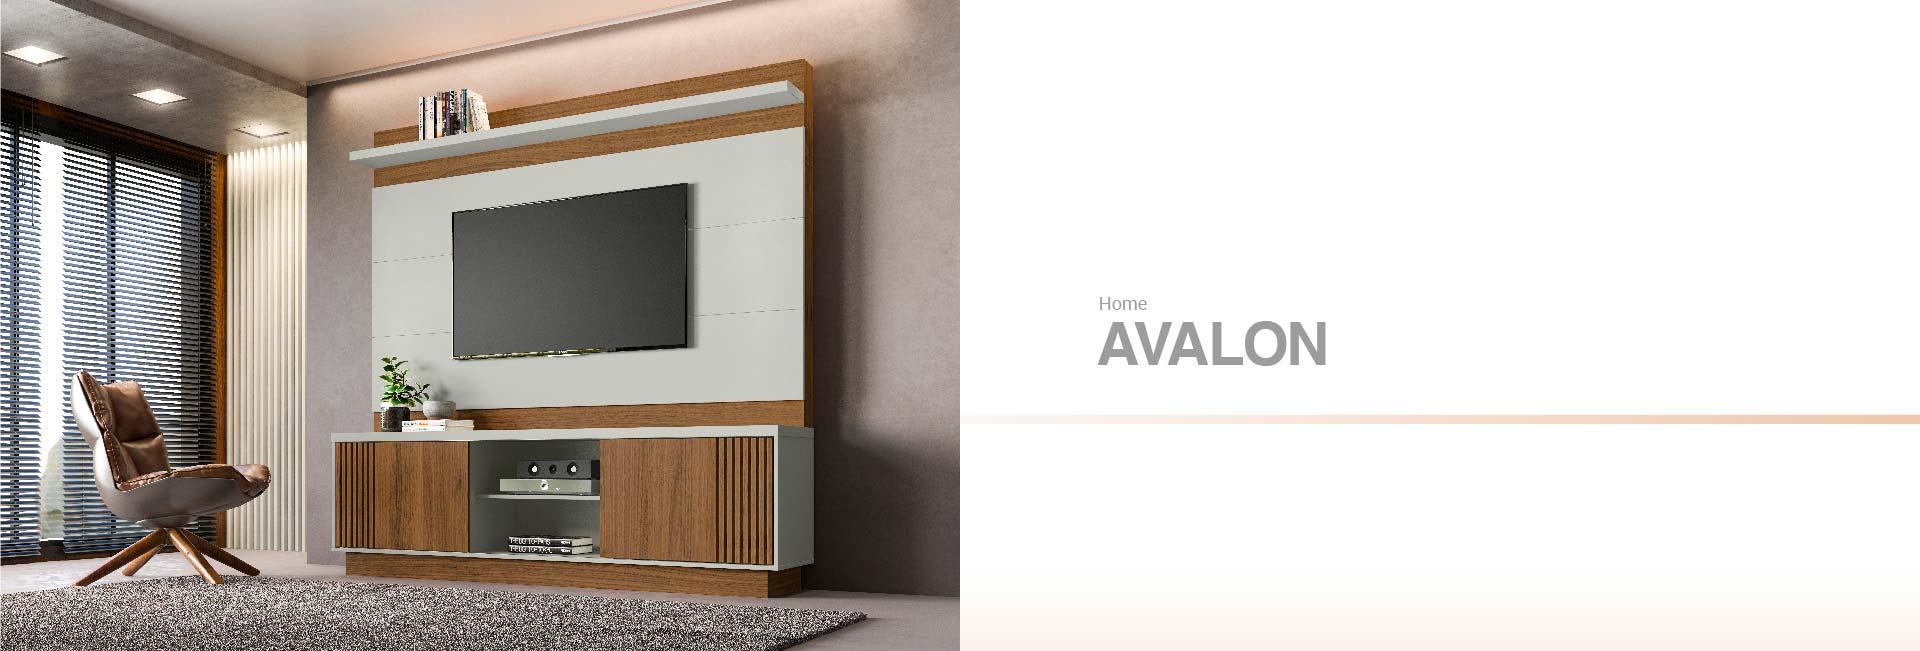 Home para TV Avalon